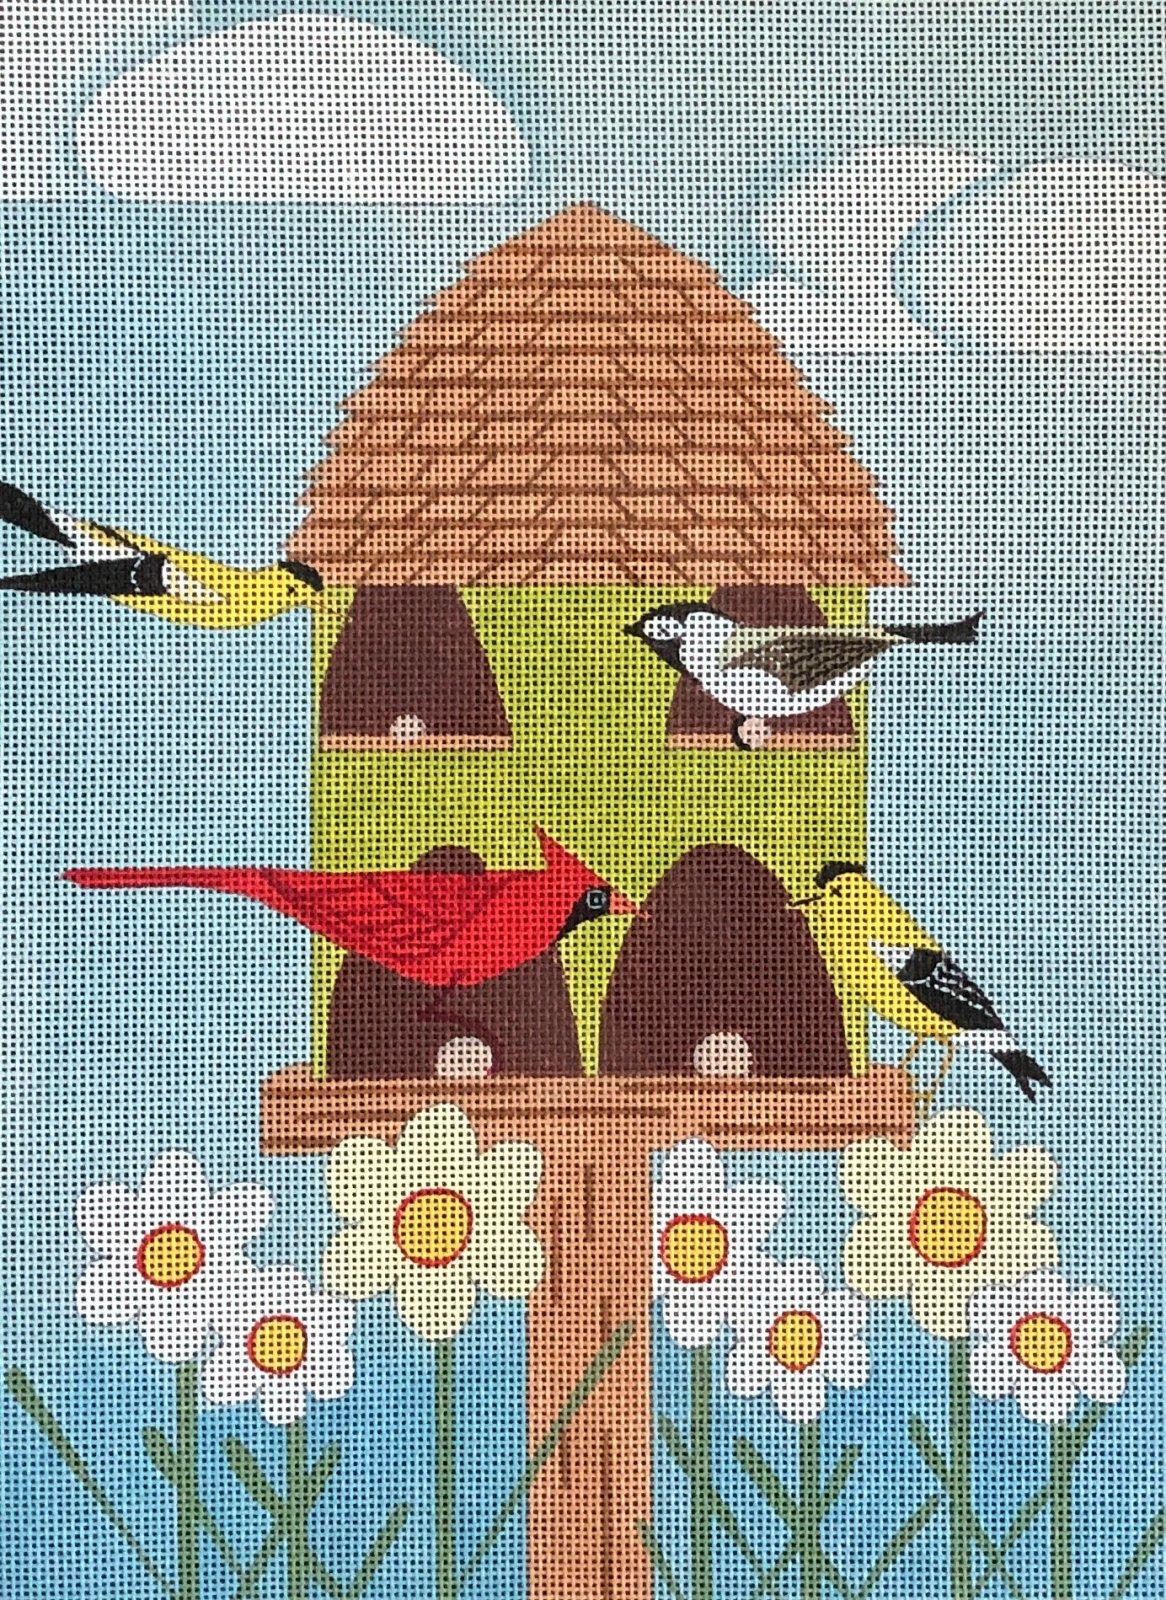 M1871 - BIRD FEEDER